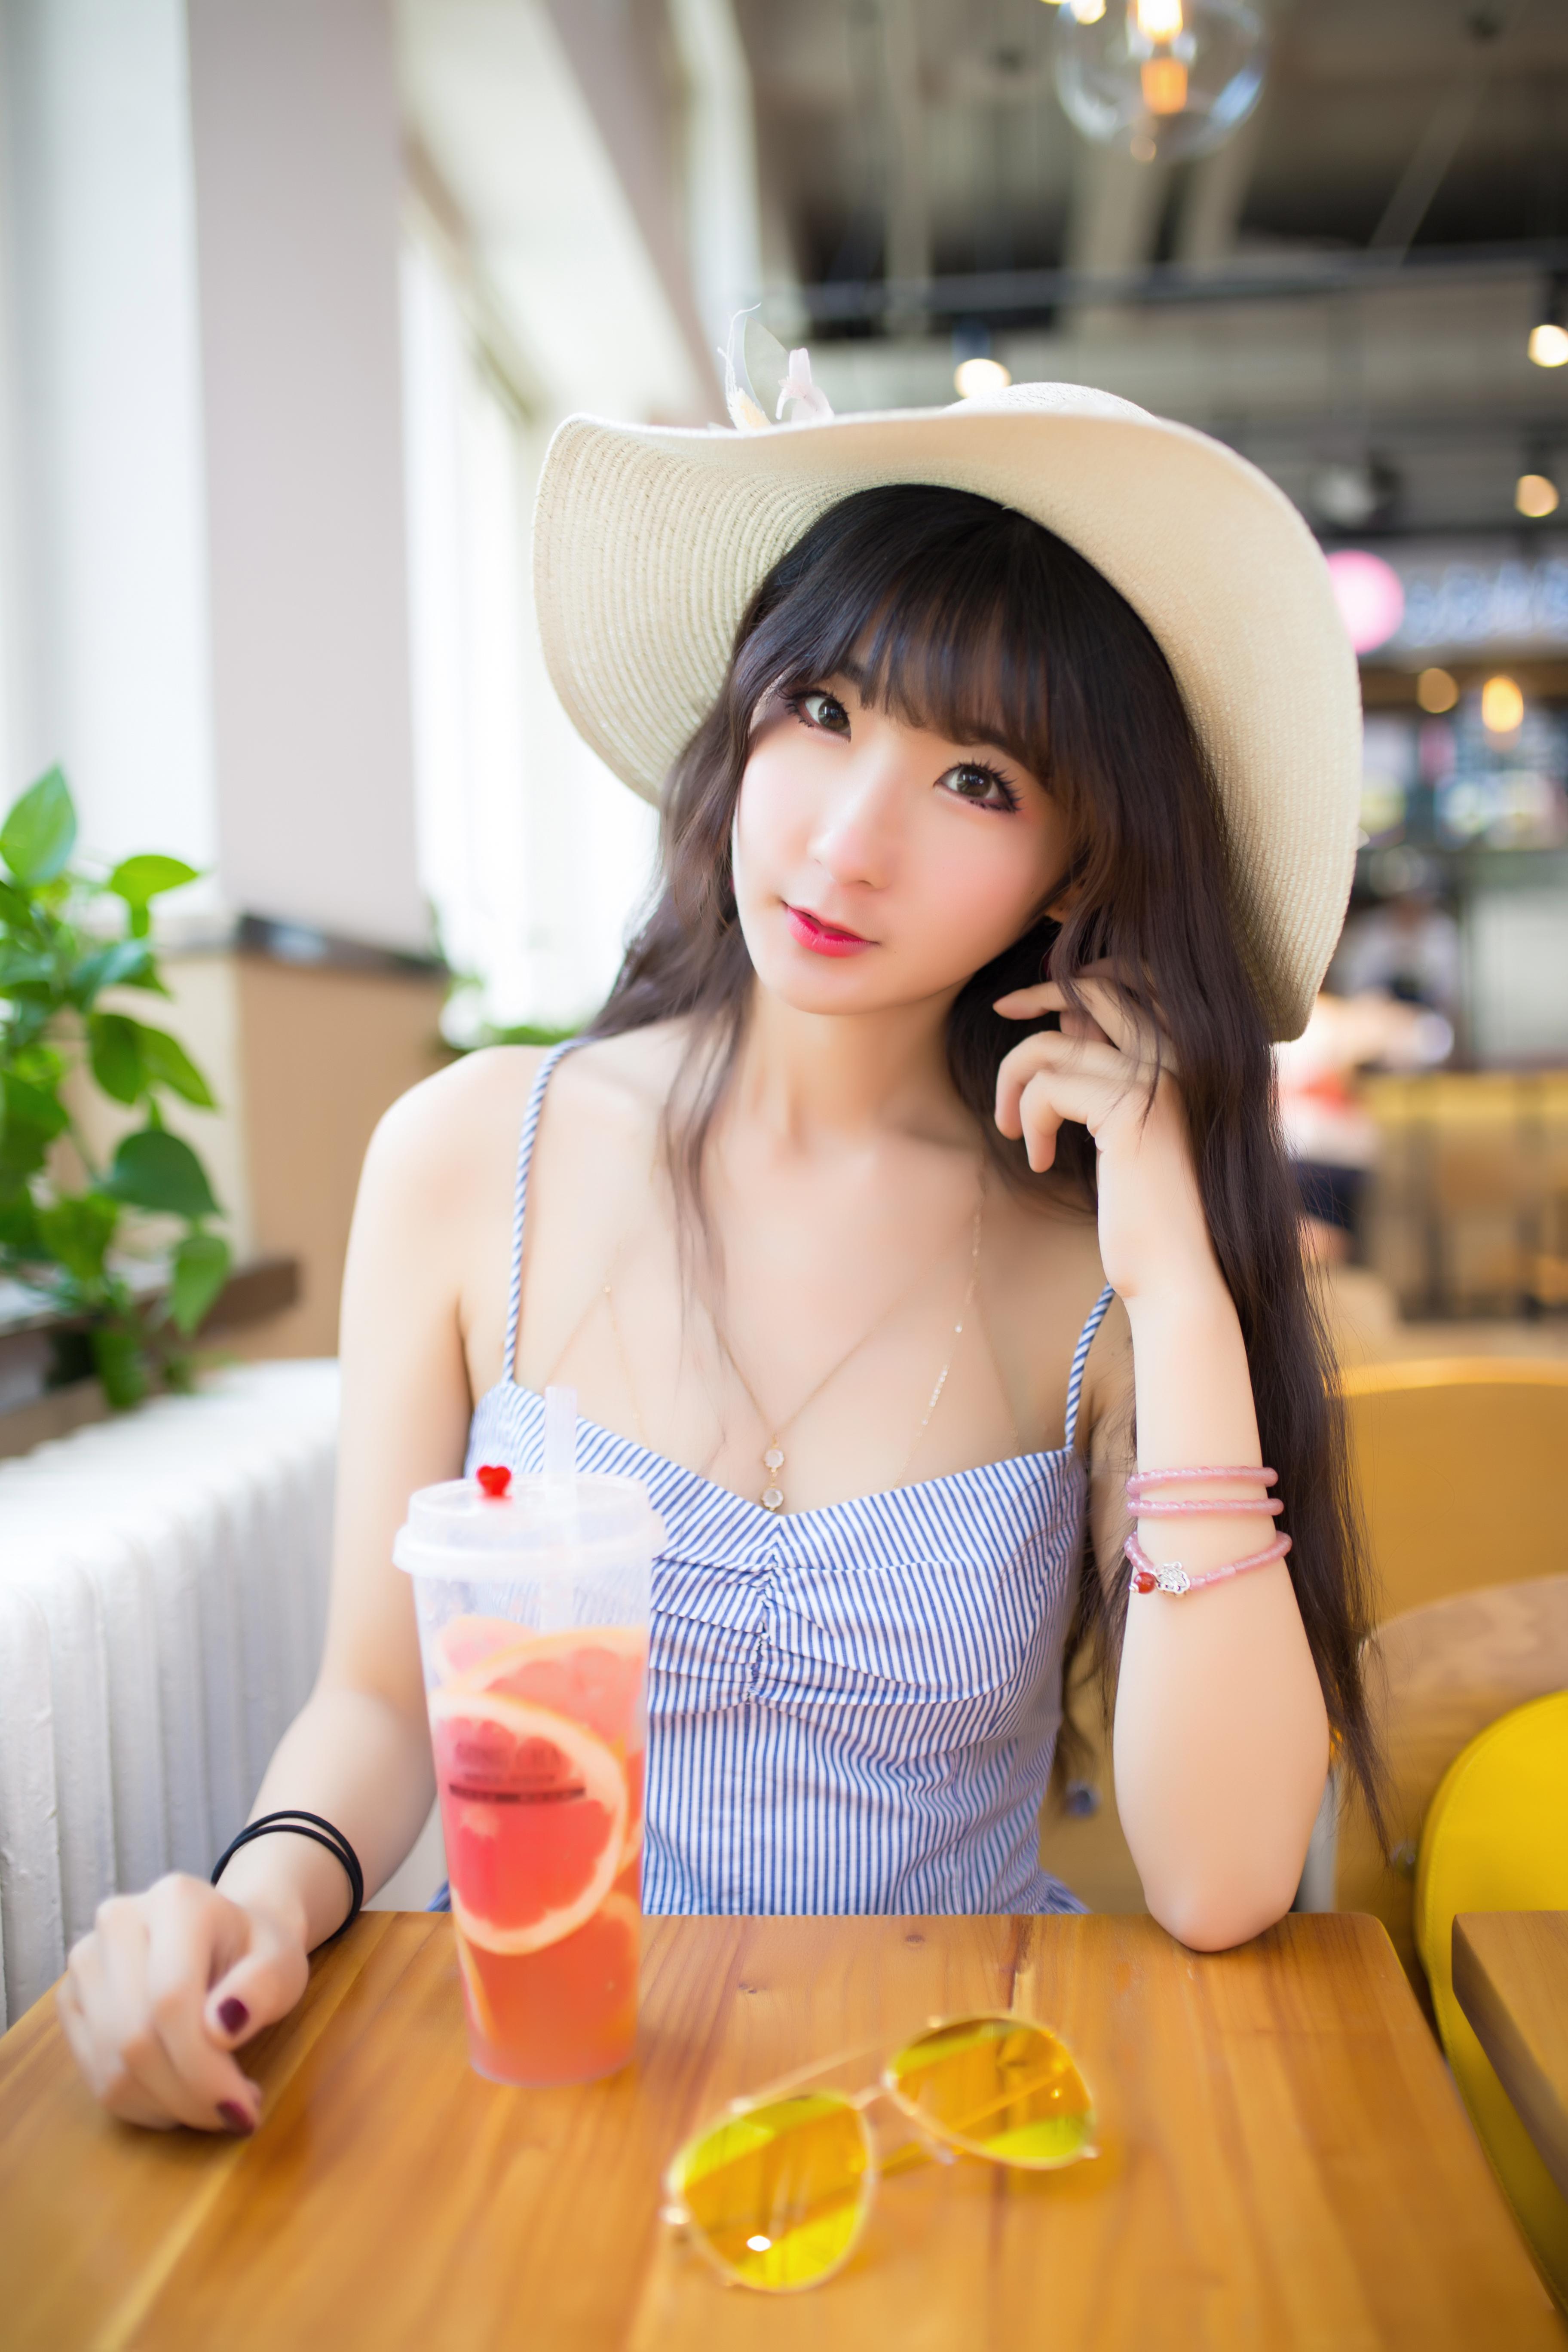 吊带裙小姐姐【40p】 少女映画